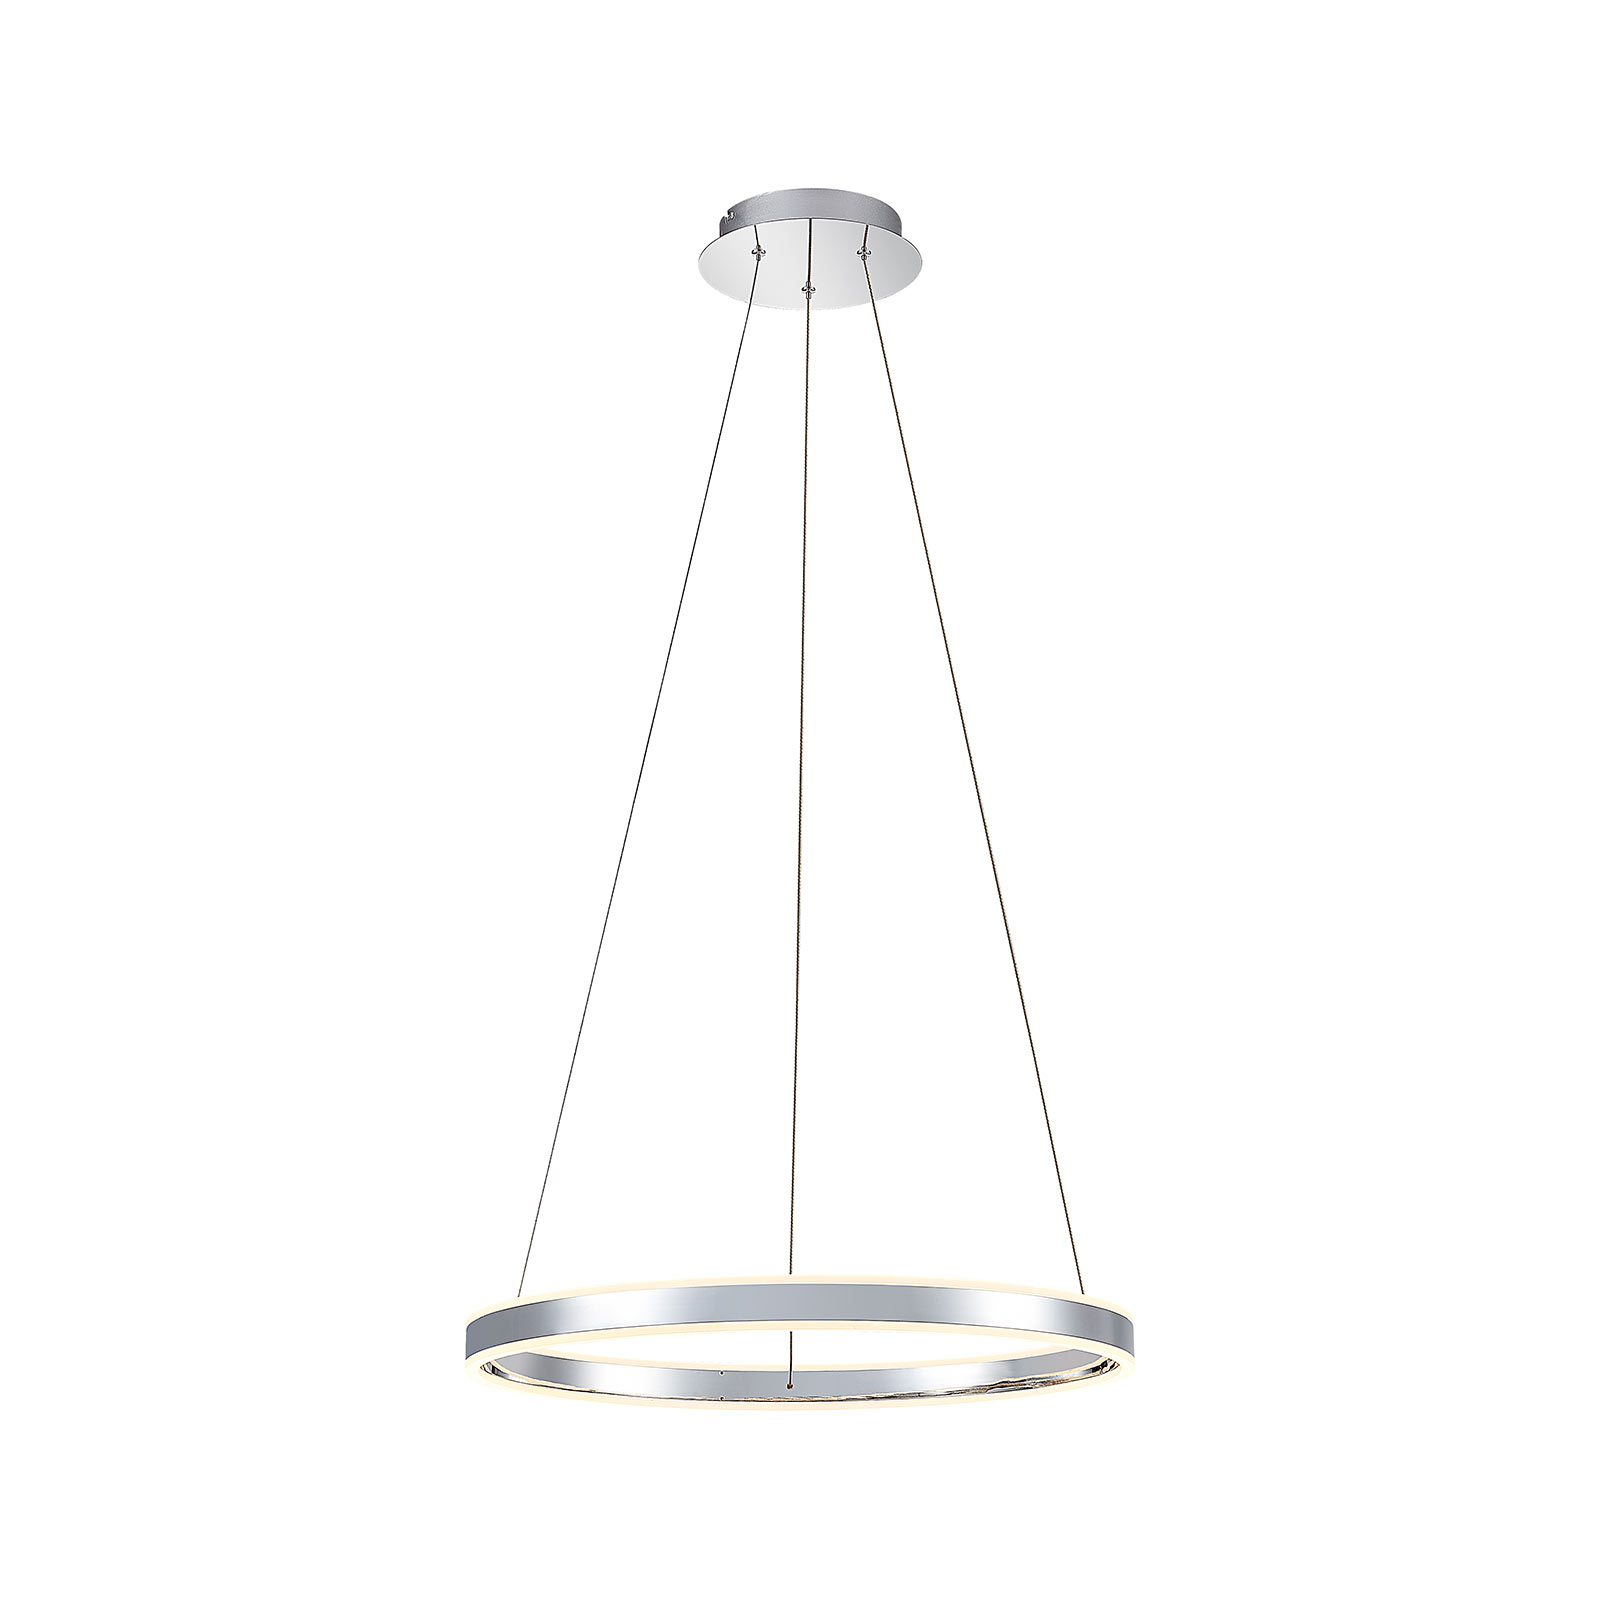 LED Pendelleuchte Lyani in Chrom, dimmbar, 60 cm